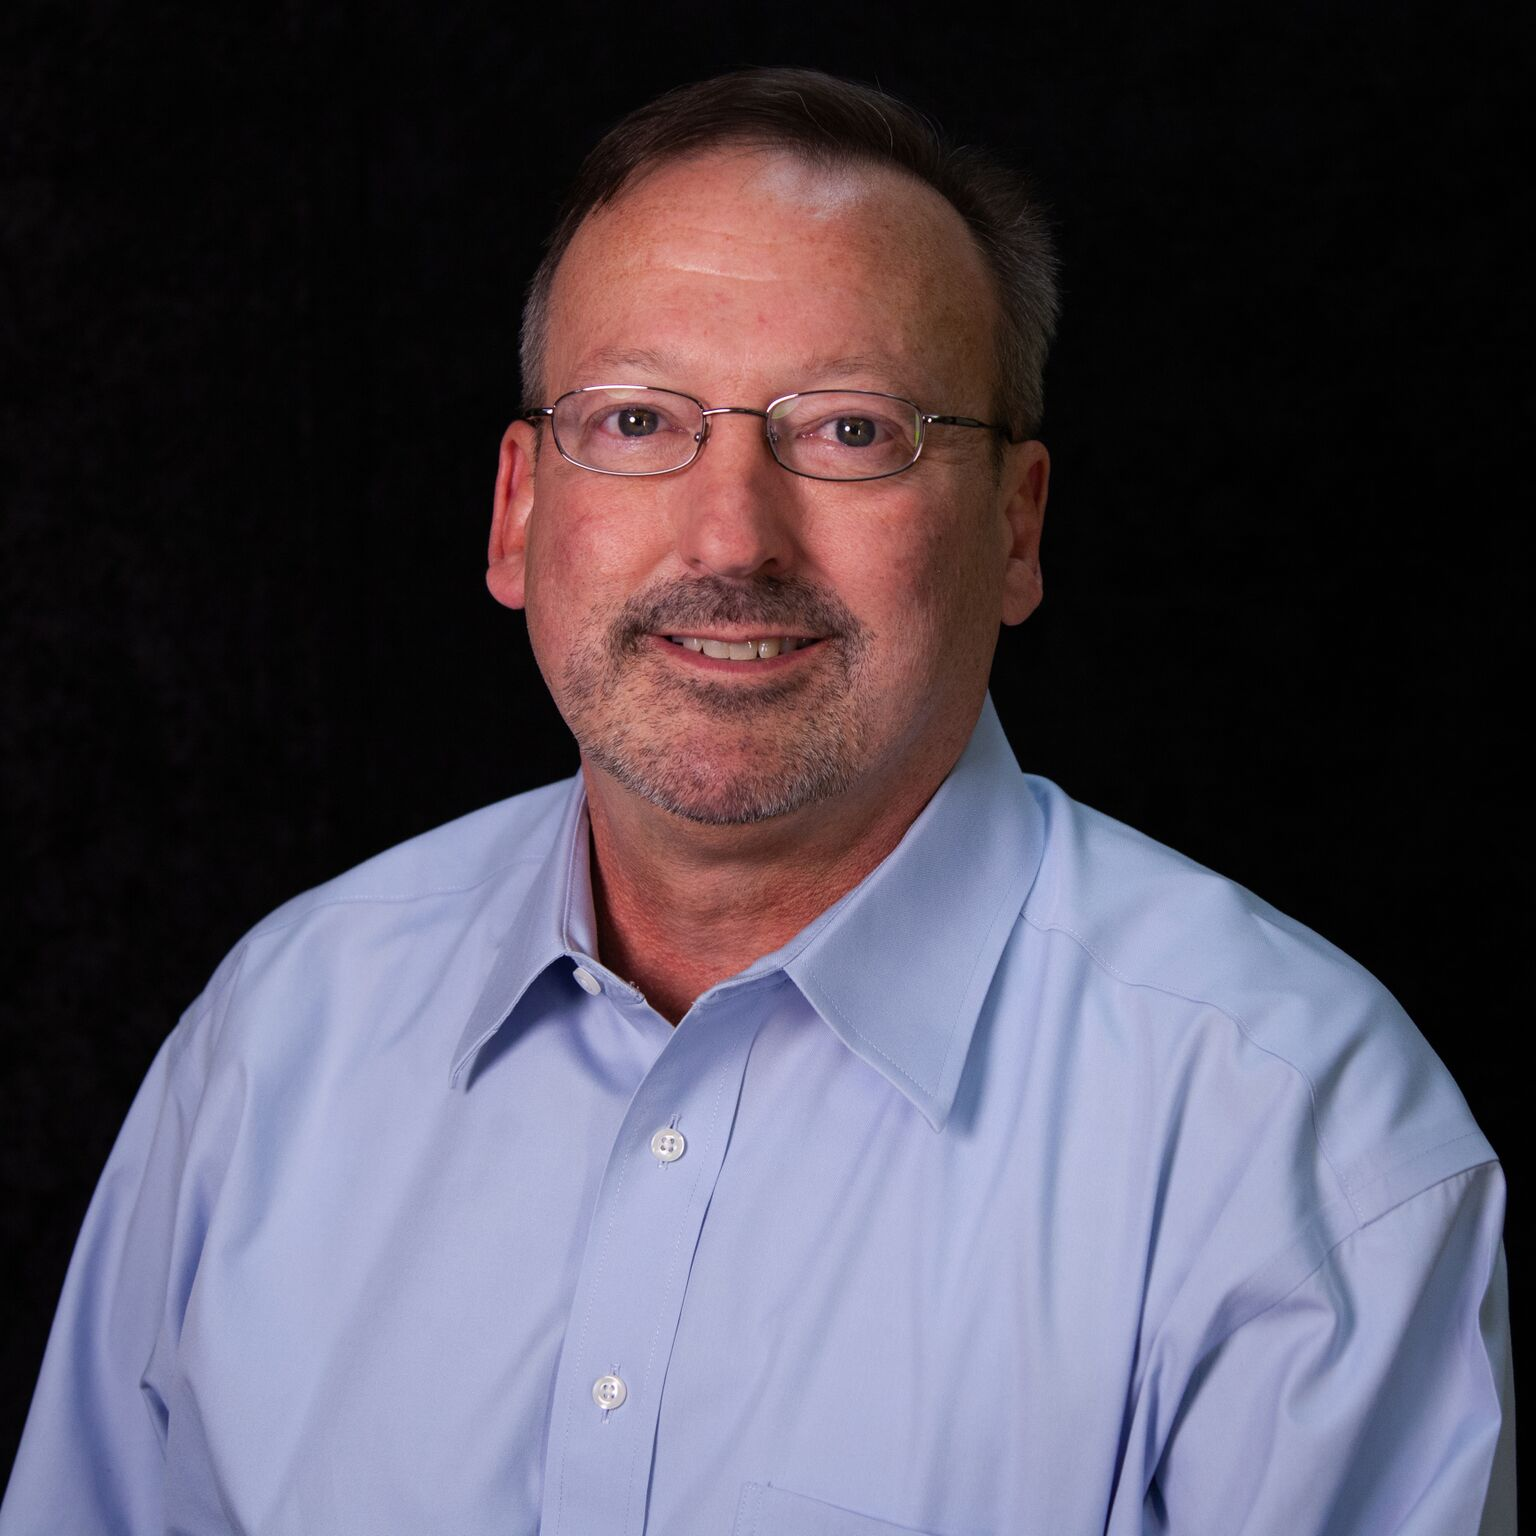 Dean Willard, Procurement Manager